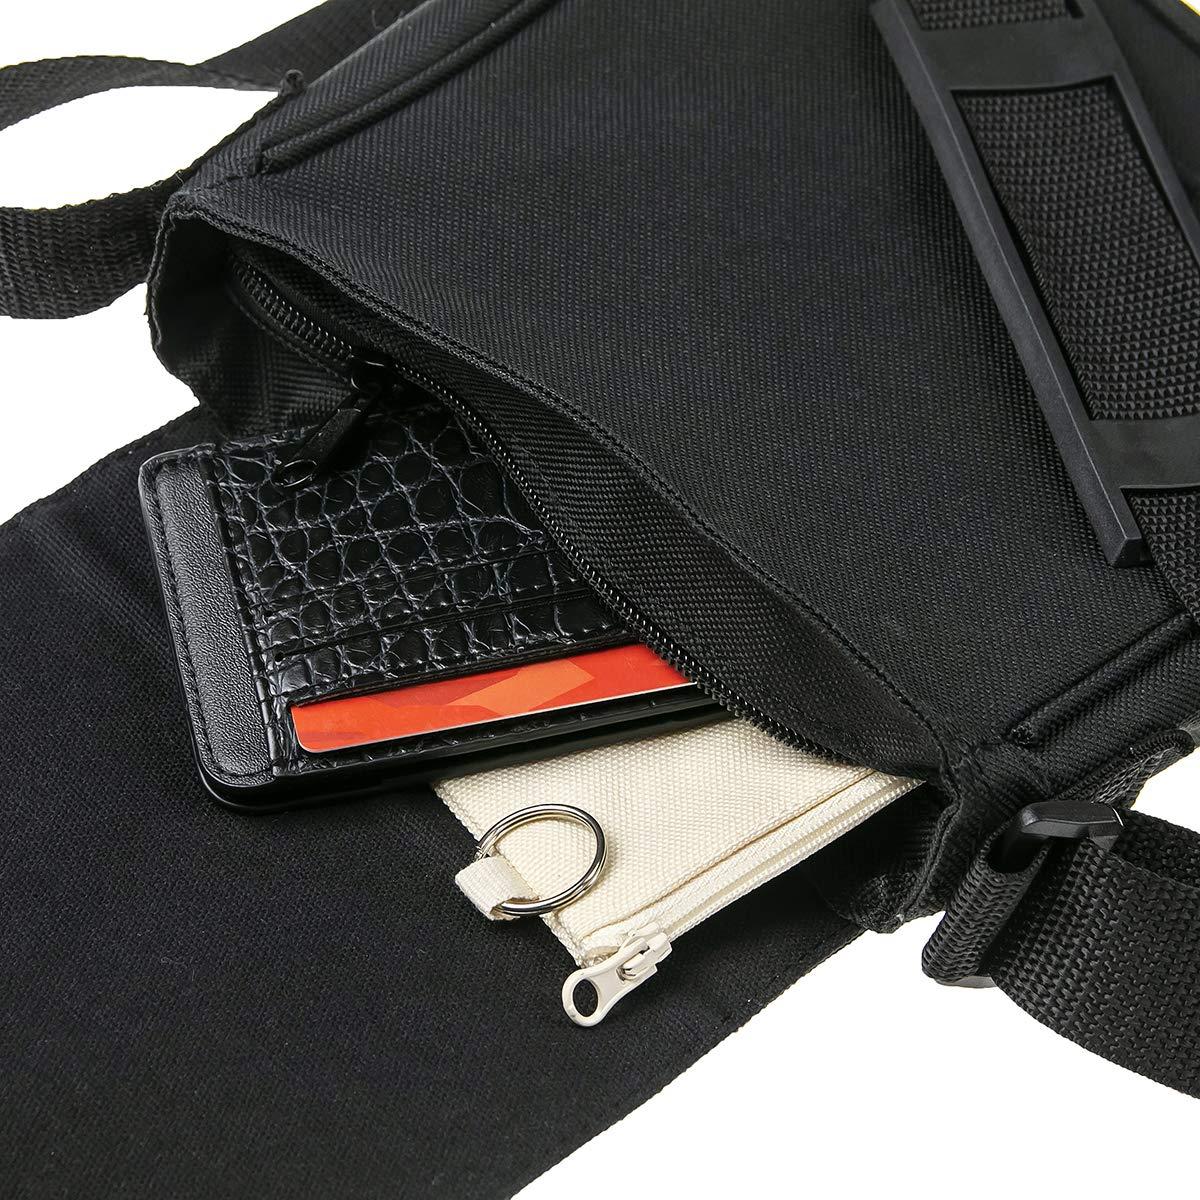 Run Stranger Things Alphabet Sac port/é /épaule Homme Sacoche Bandouliere Unisex Shoulder Bag